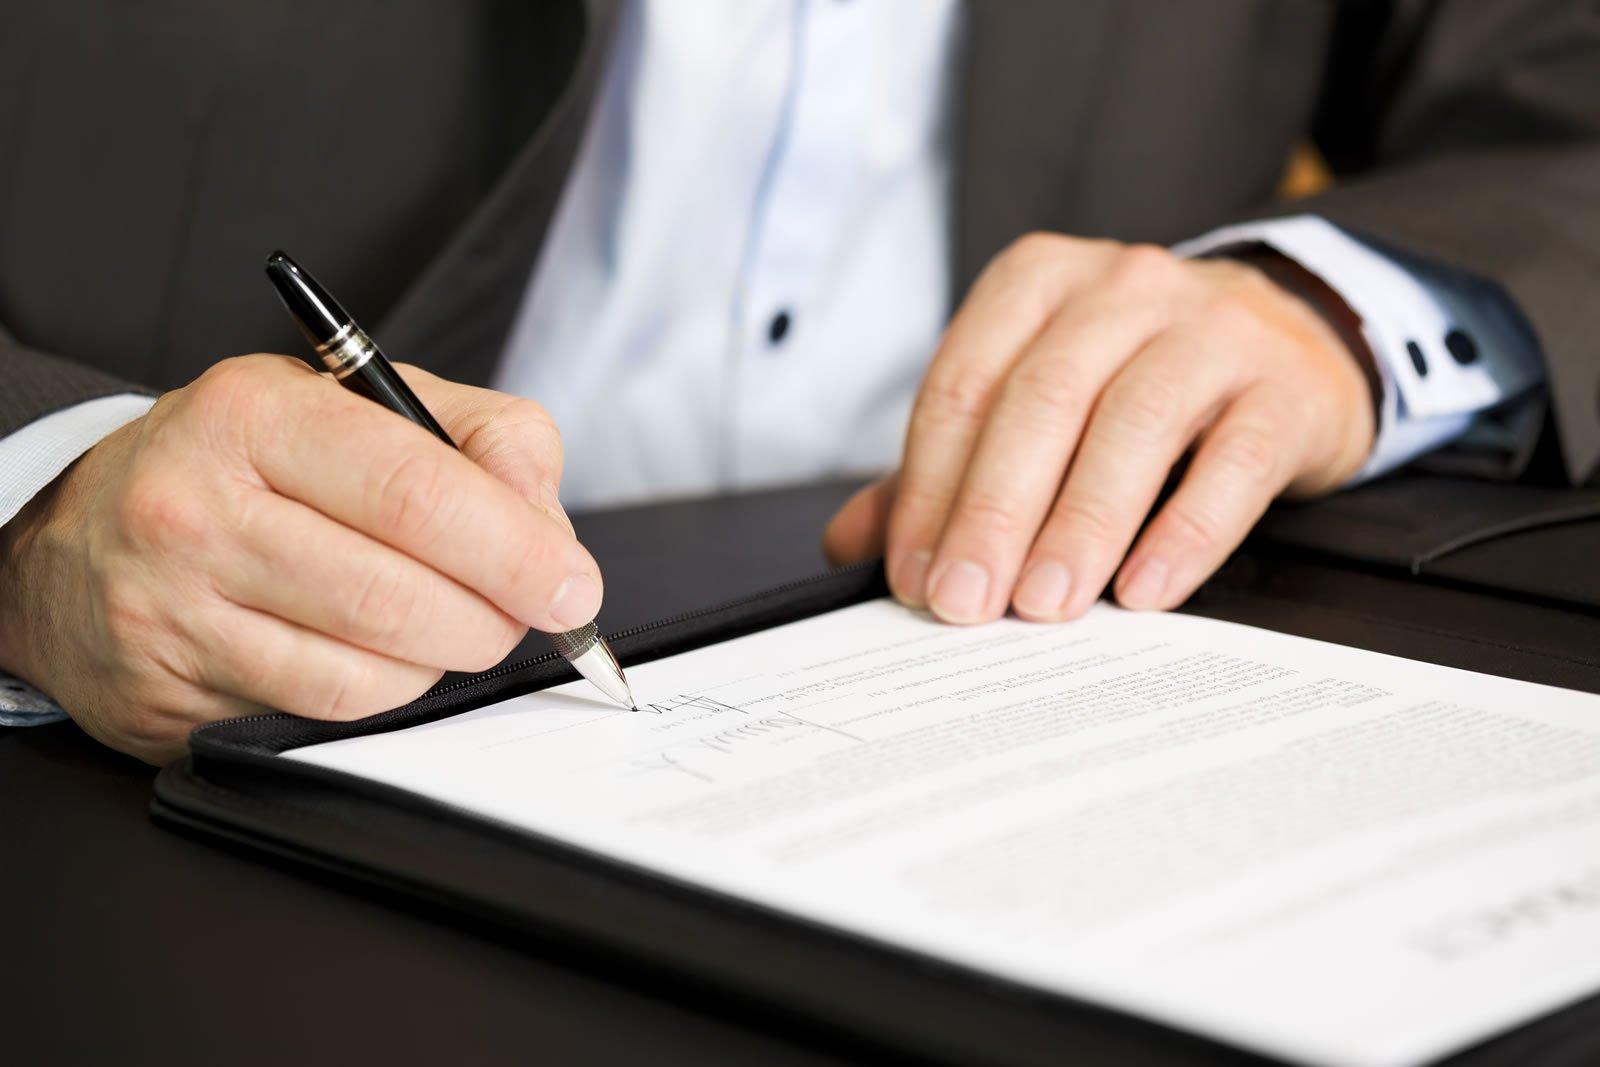 договор подряда с менеджером по продажам образец